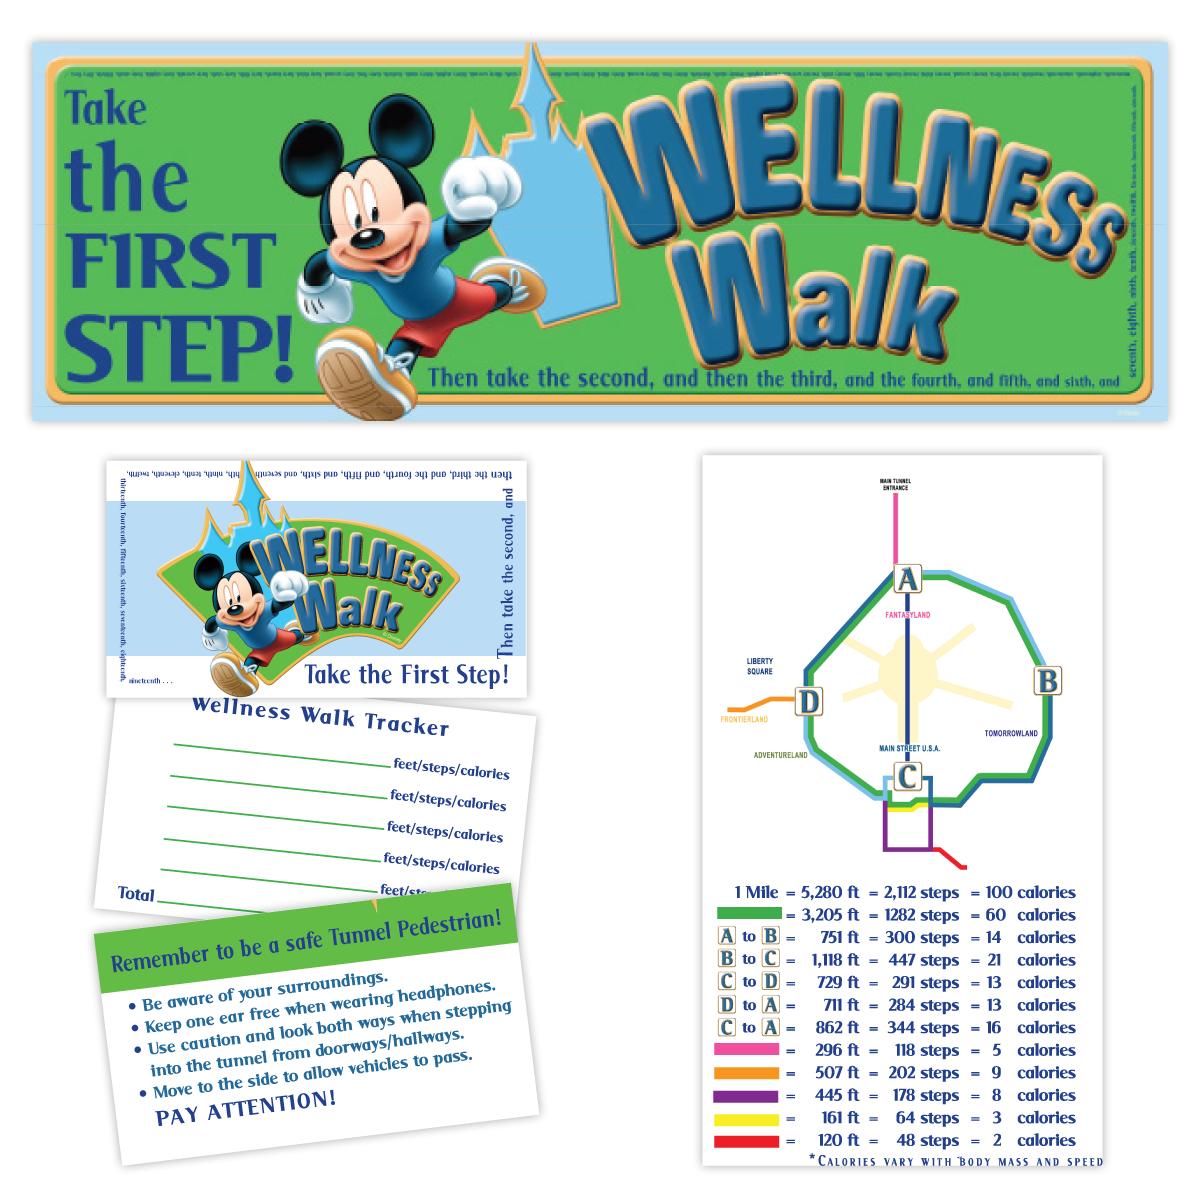 Wellness-Walk2.png